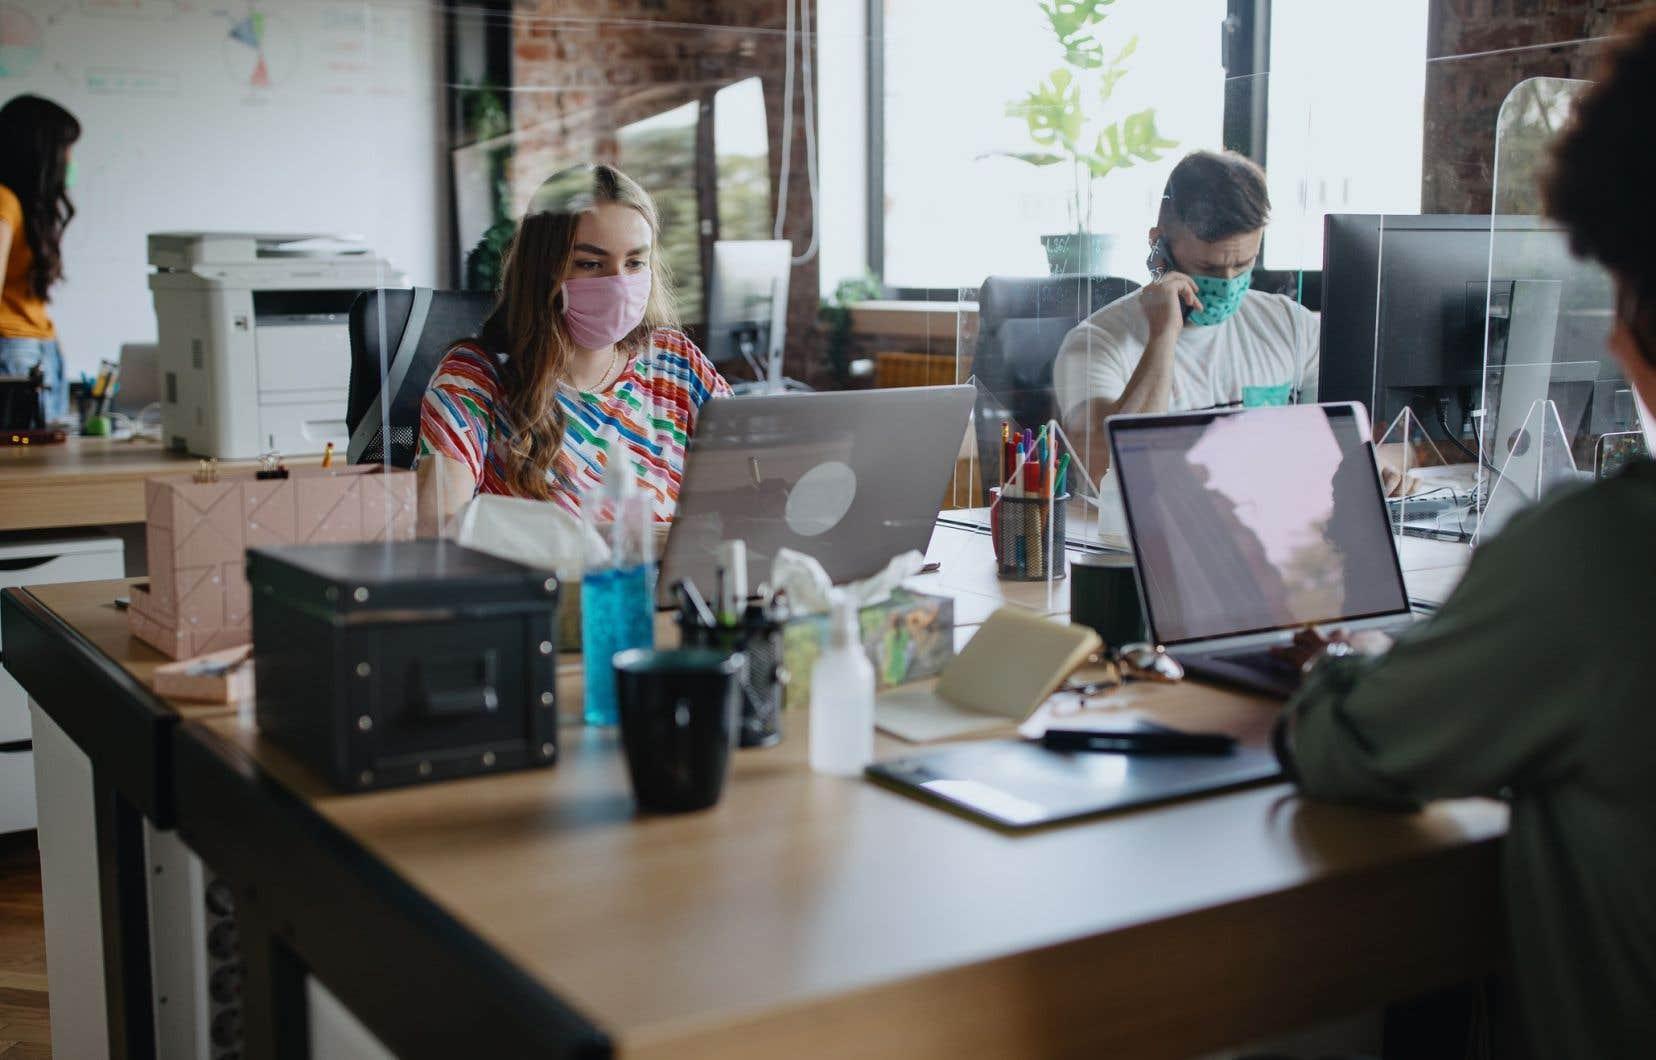 Au-delà du télétravail et de ses modalités, les employeurs doivent aussi penser à l'aménagement physique, à la santé et à la sécurité des gens, selon le professeur Martin Chadoin.